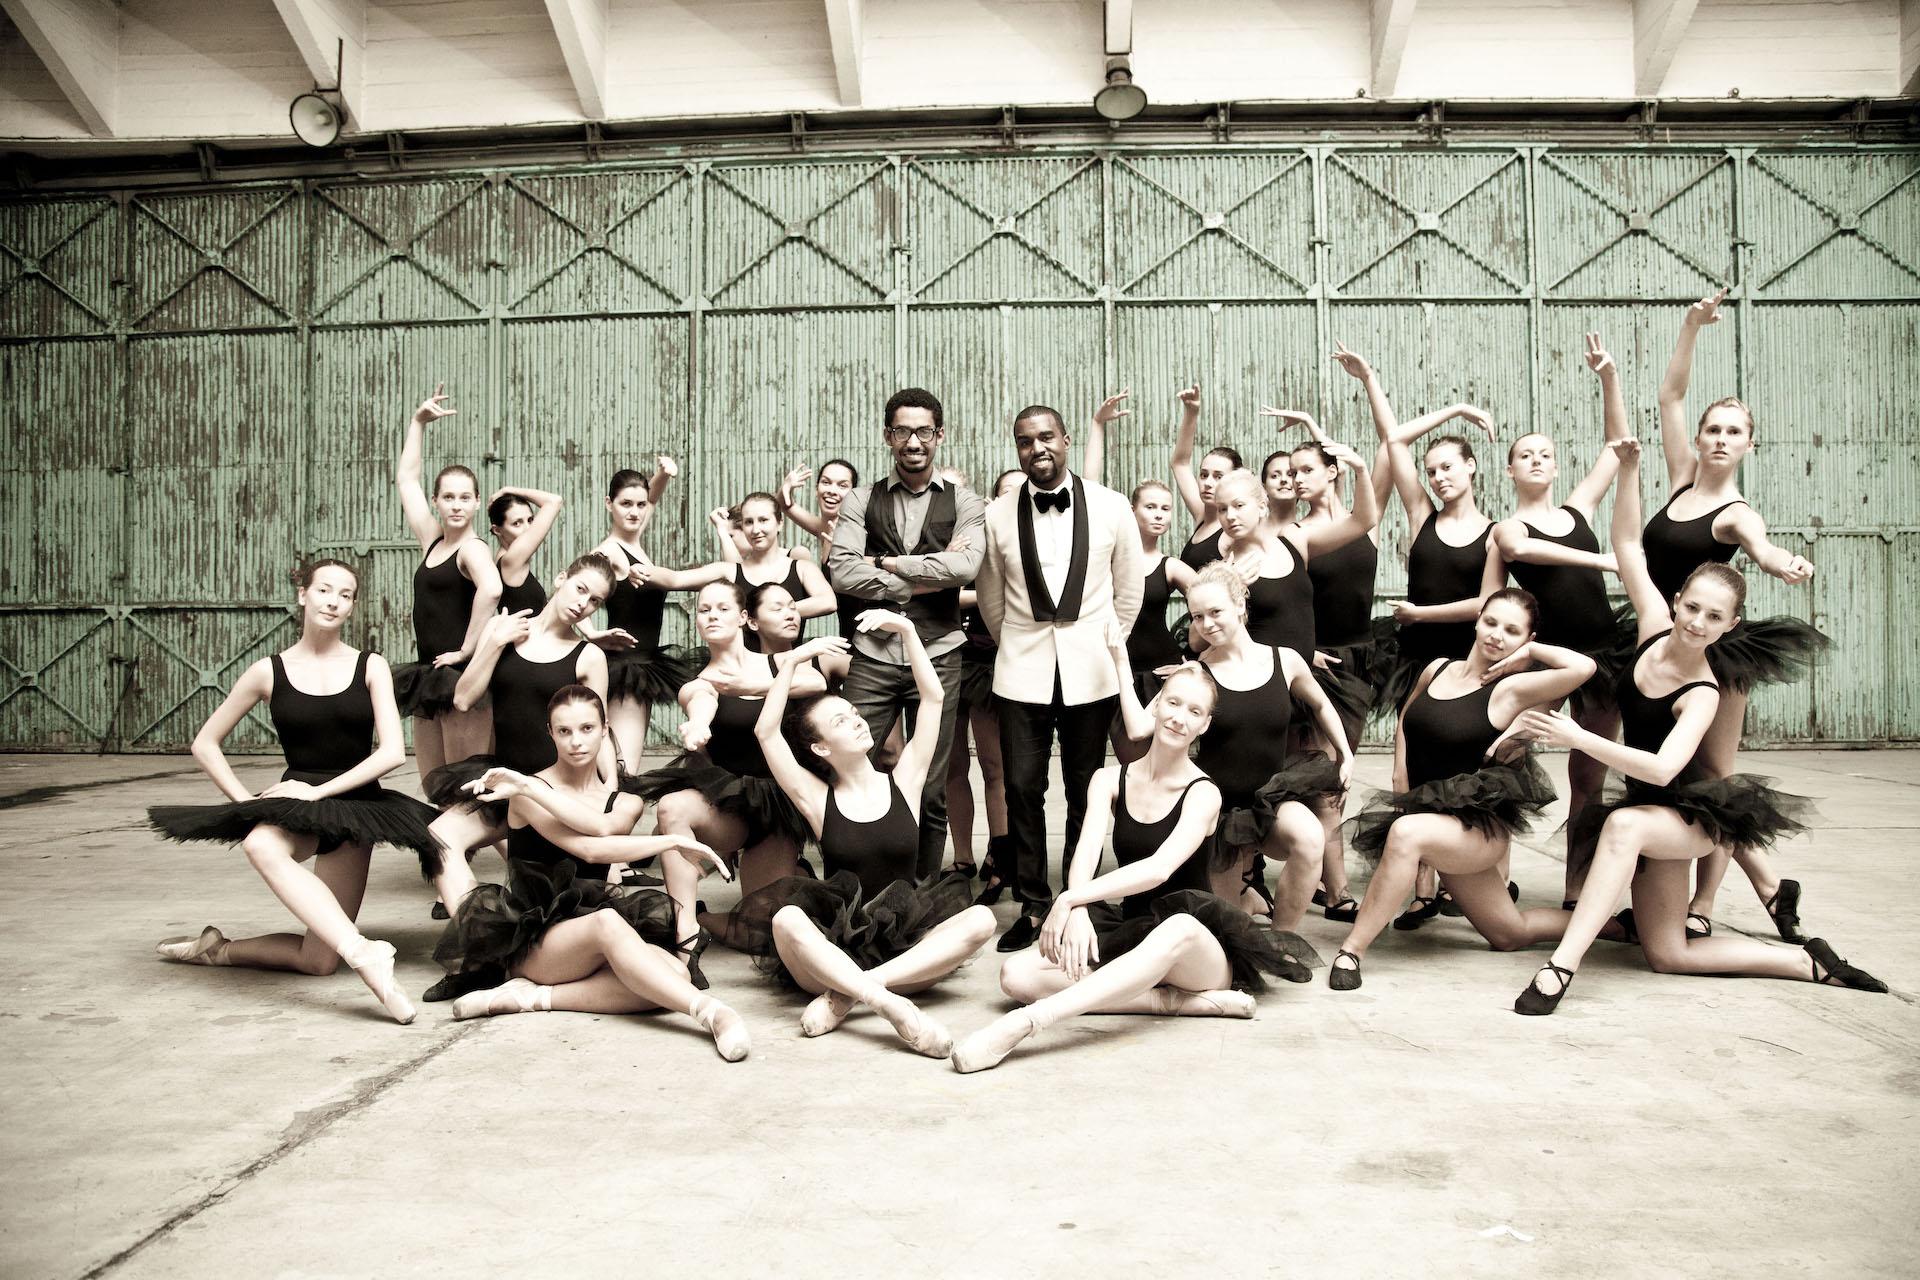 Yemi a Kanye West v obležení tanečnic při natáčení filmu Runaway v Praze